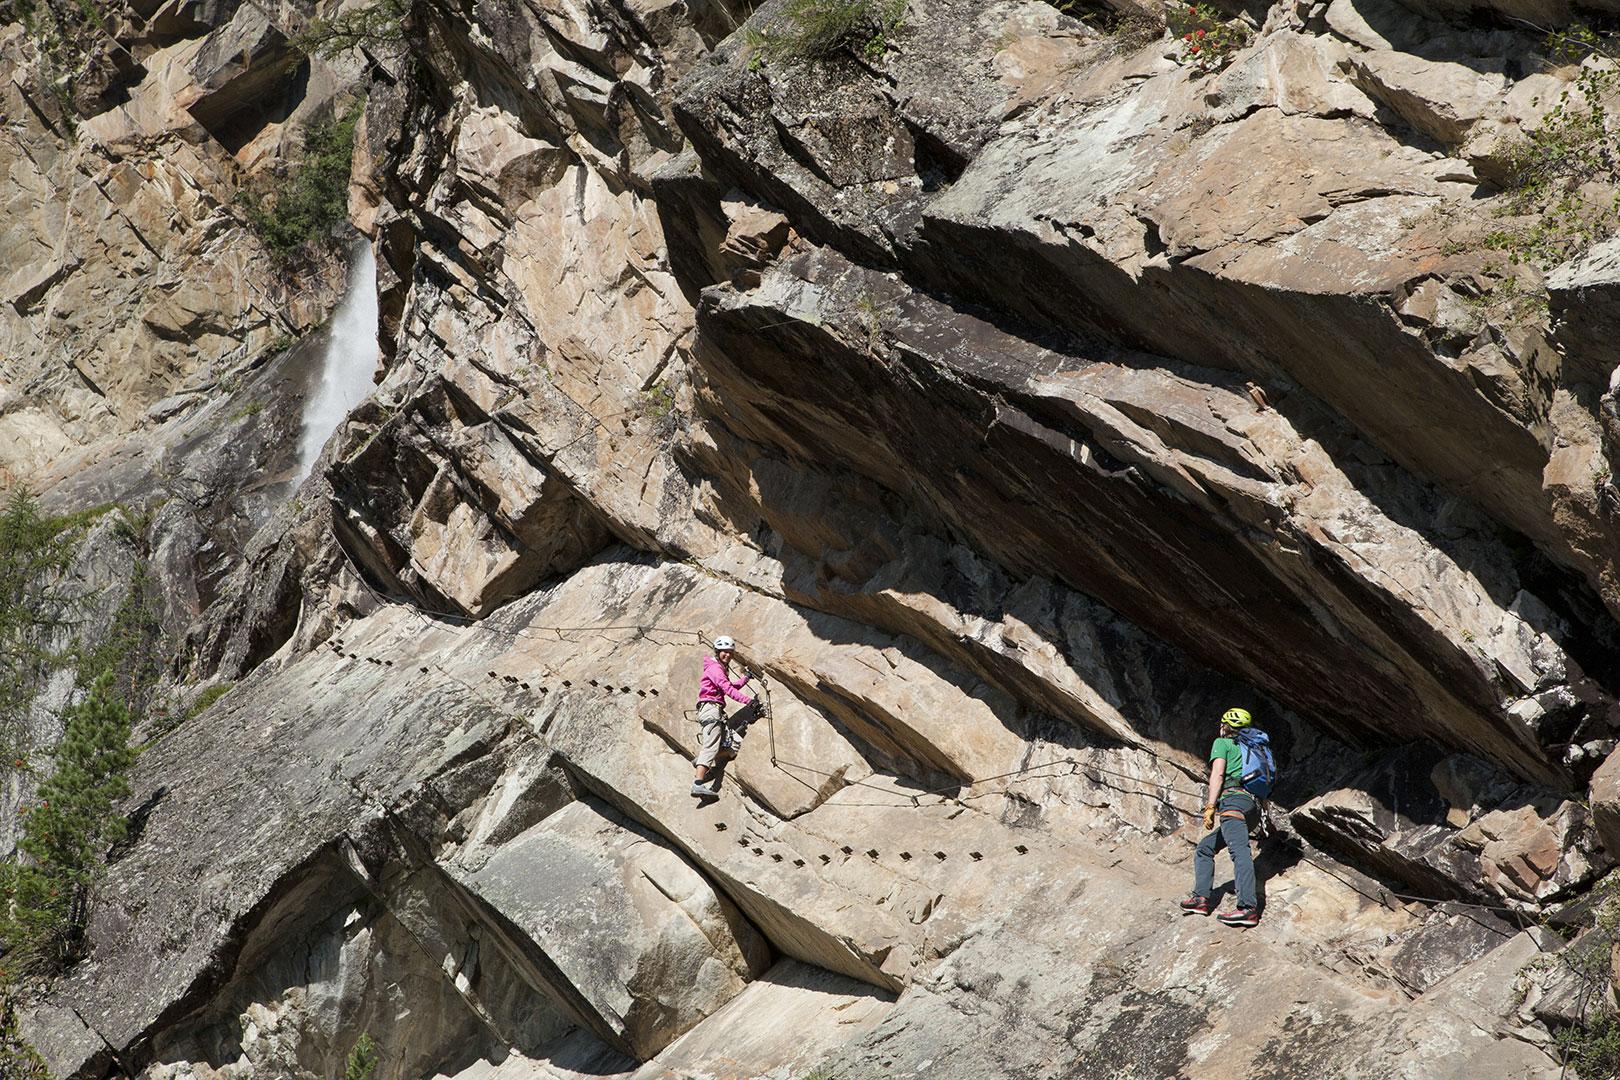 Klettersteig Handschuhe : Kletter steig paradies alpine bergsport und erlebnisschule sölden